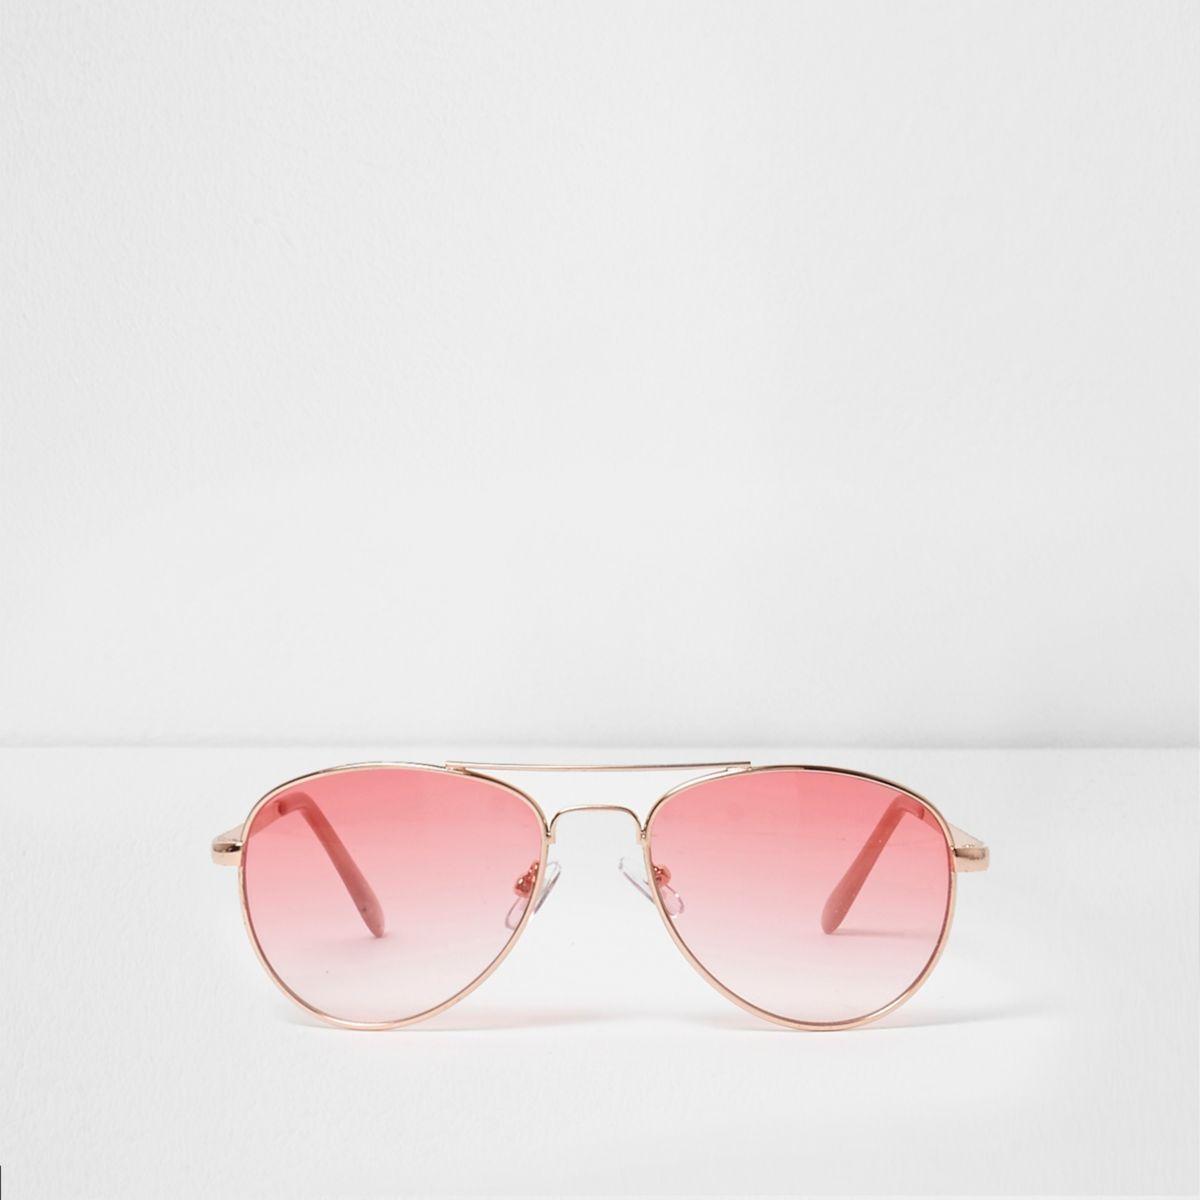 Lunettes de soleil aviateur roses à verres transparents pour fille